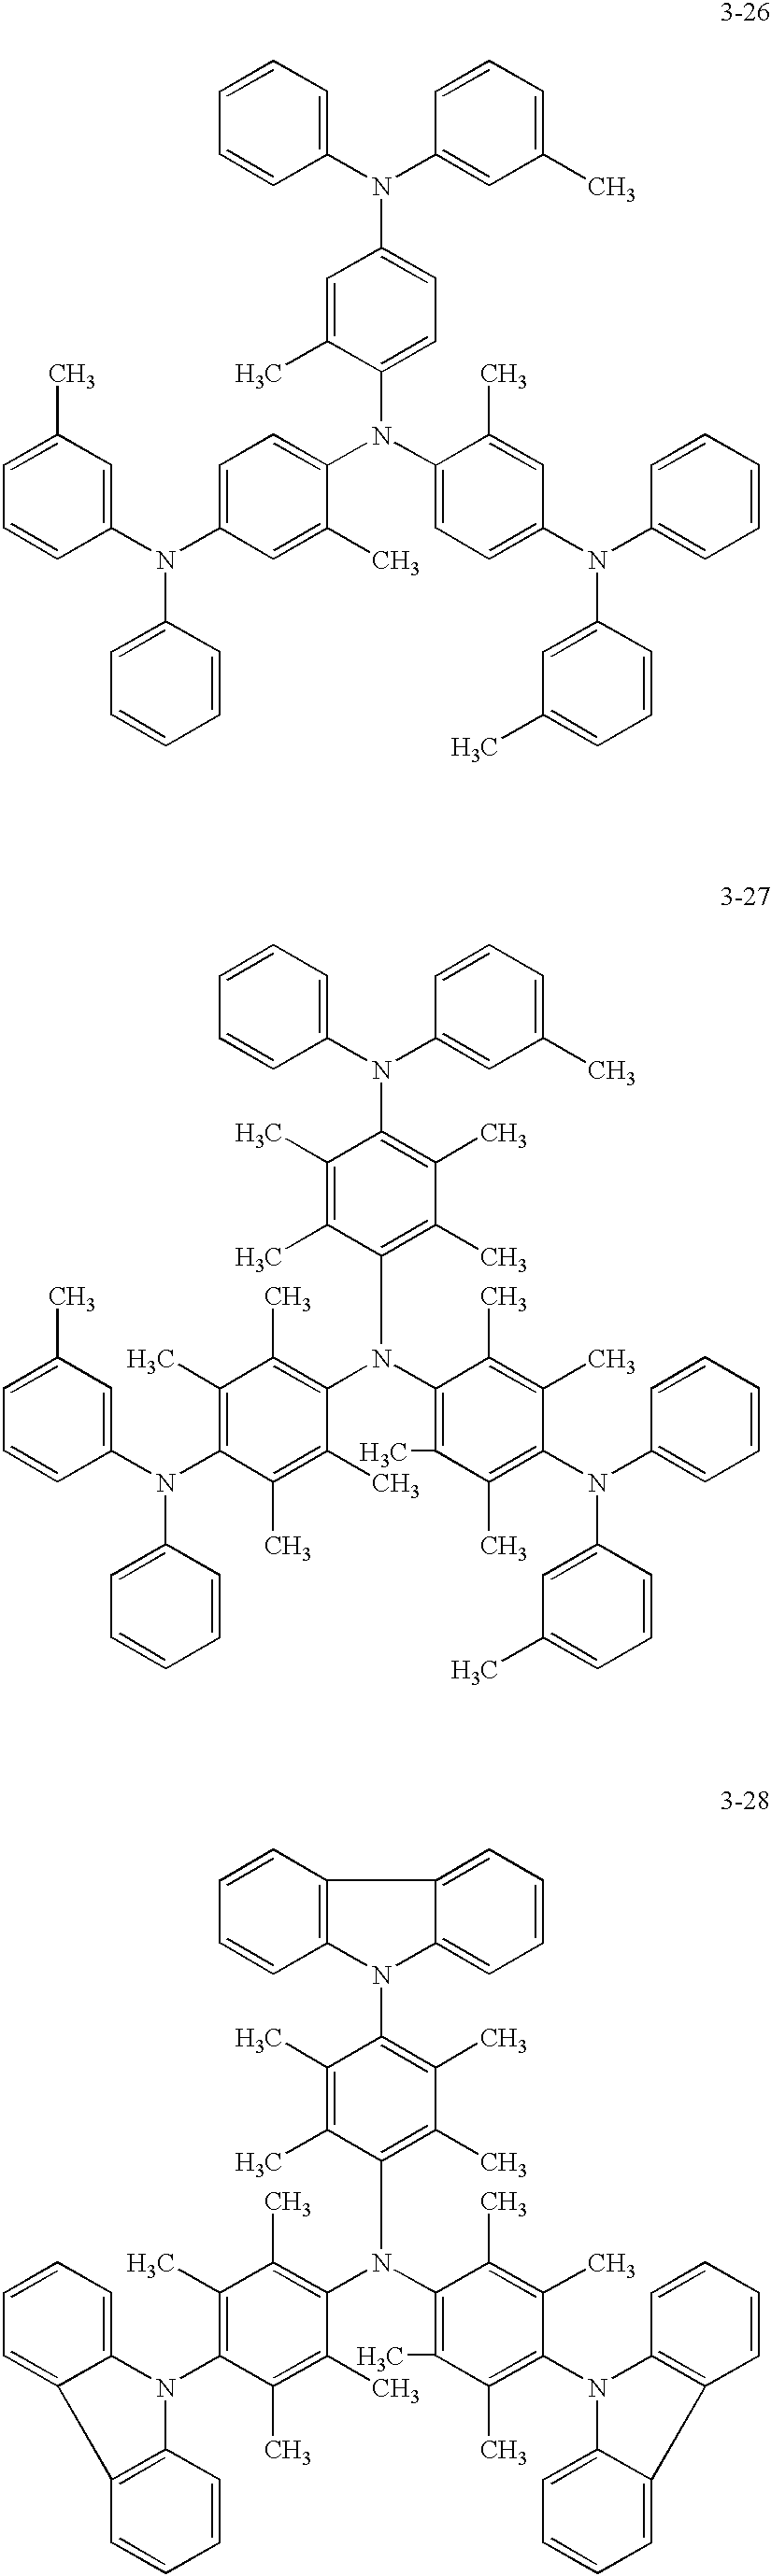 Figure US06750608-20040615-C00014